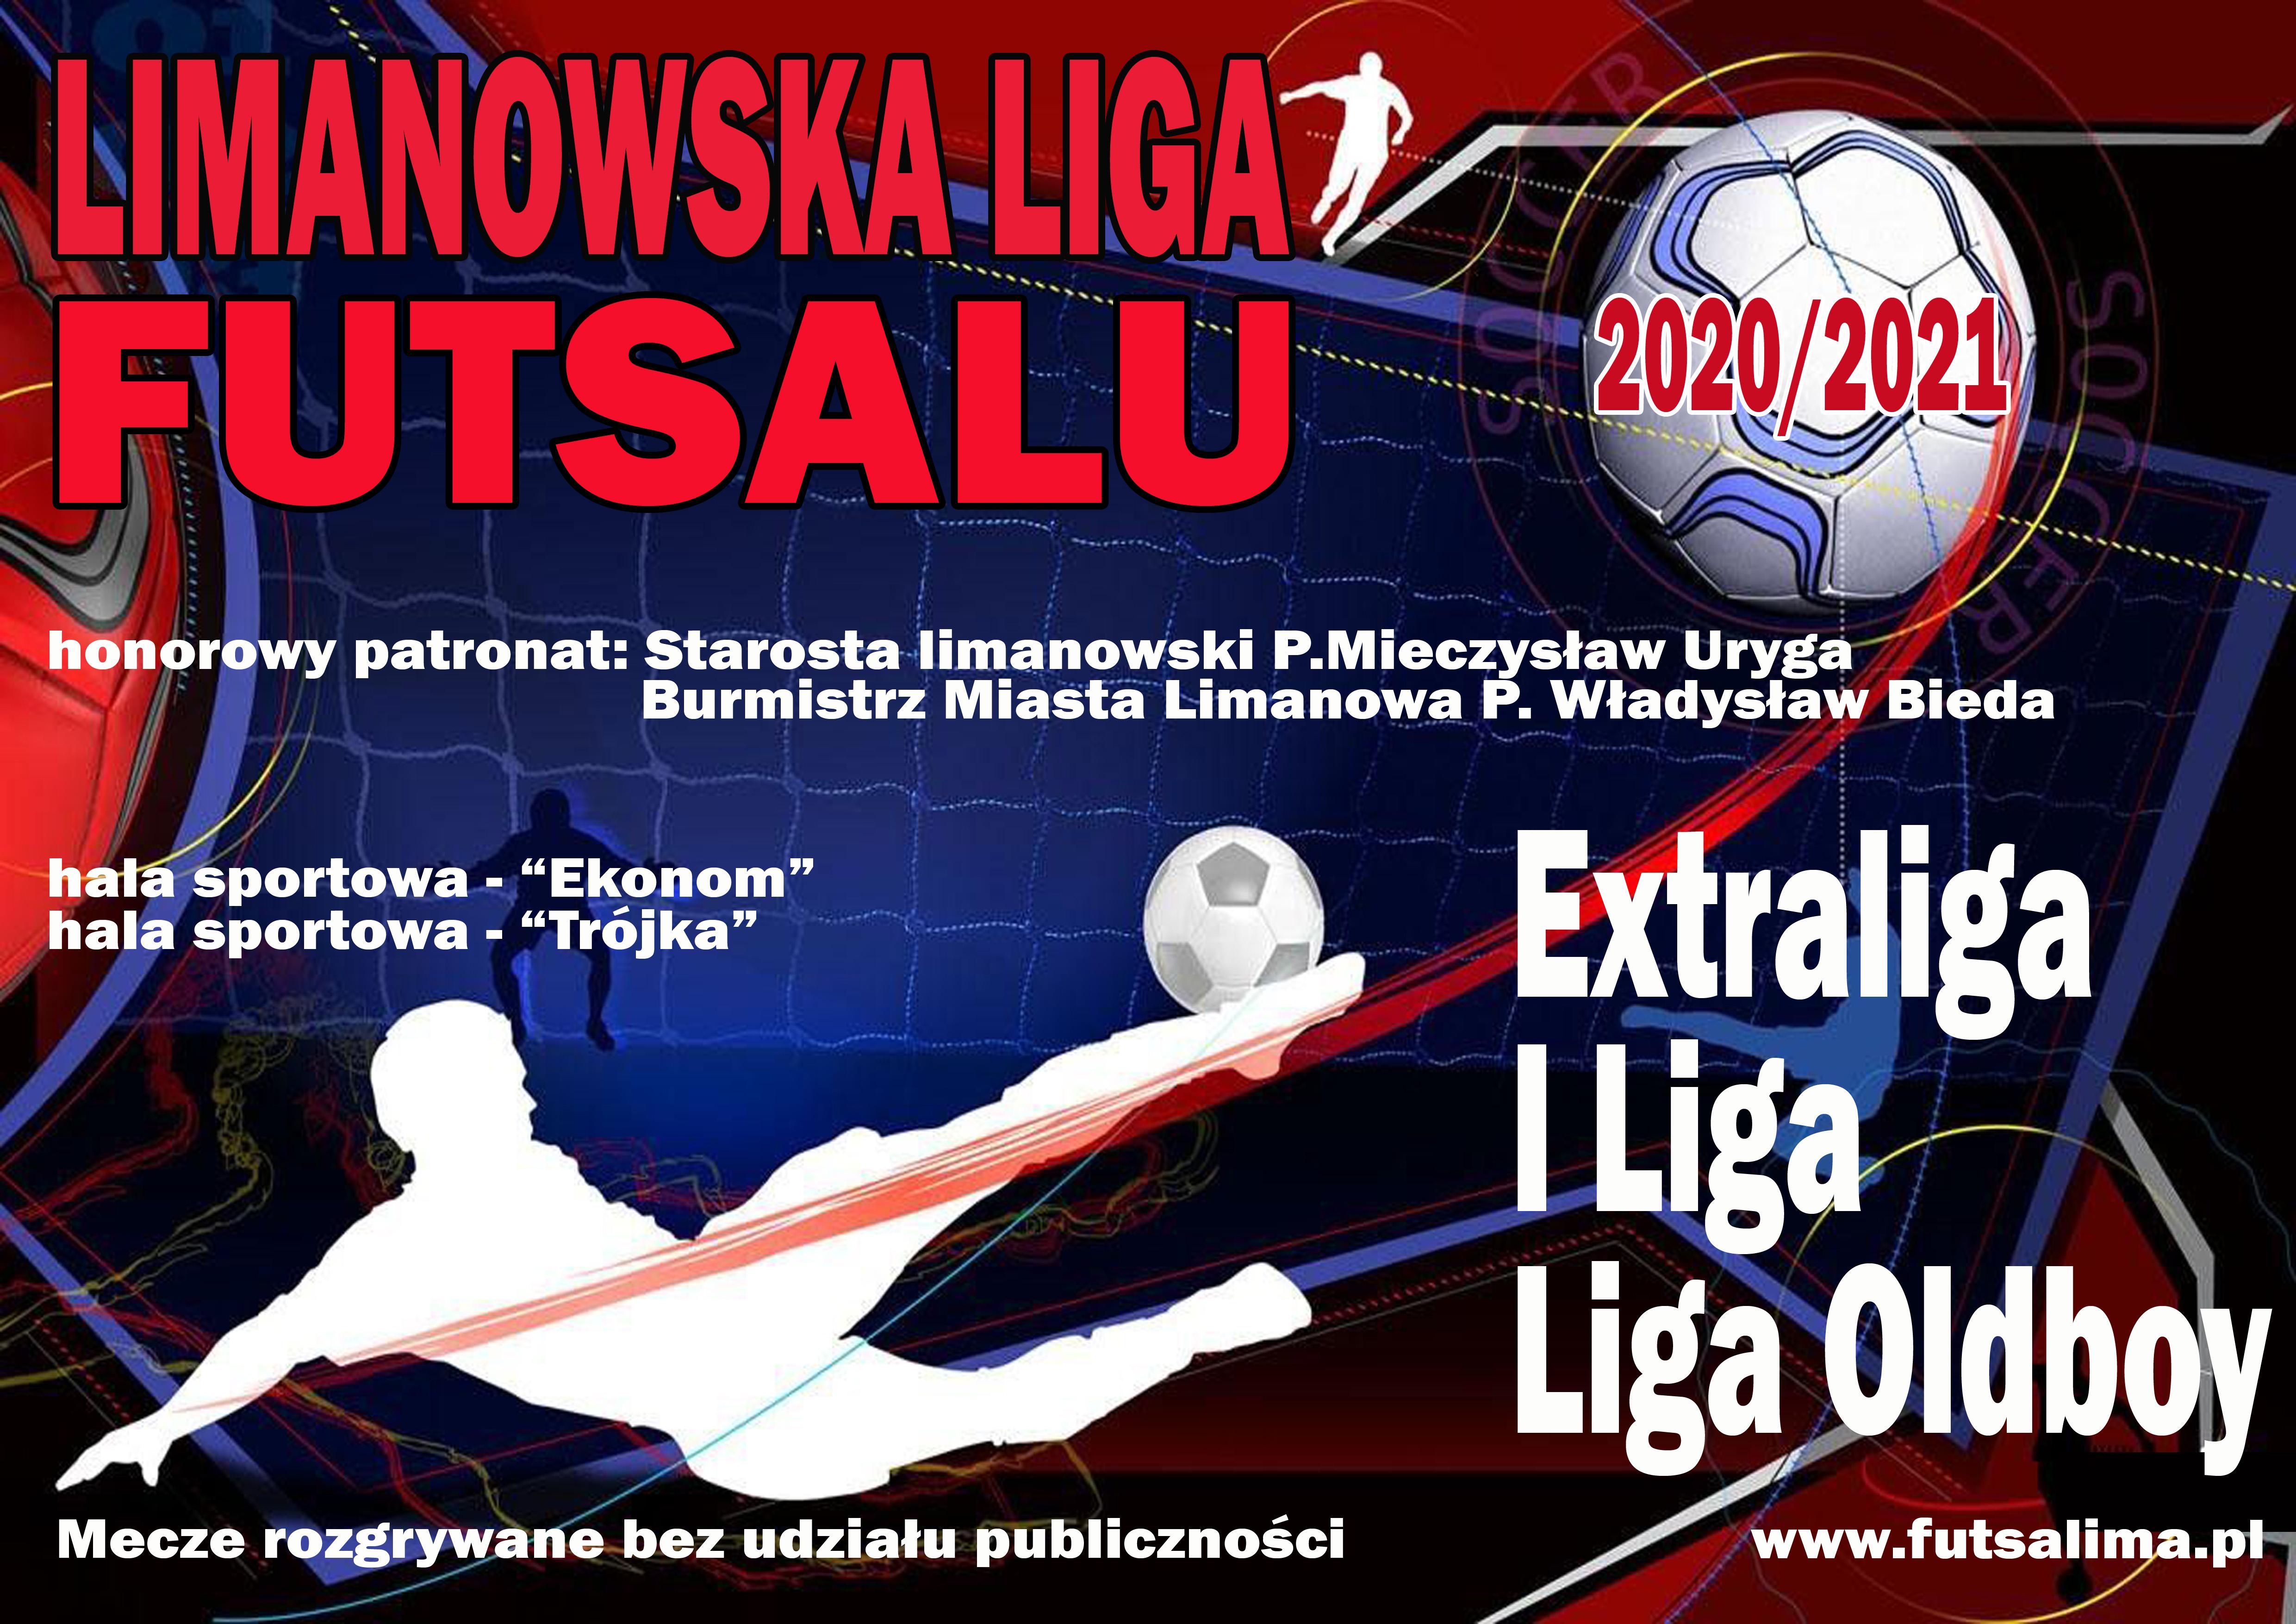 plakat - Limanowska Liga Futsalu